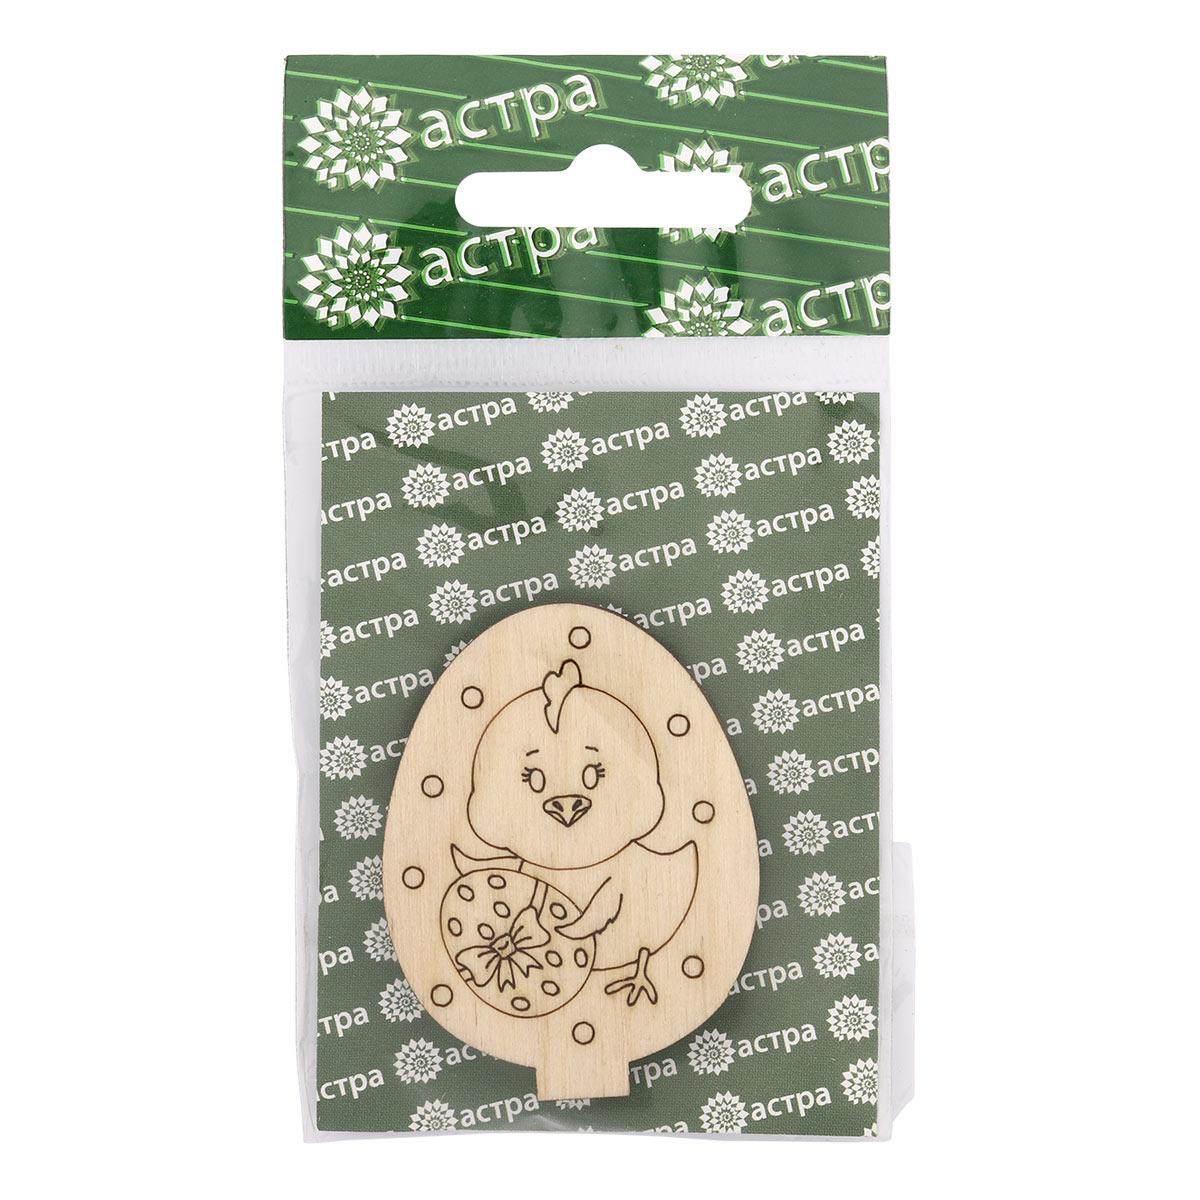 L-1378/4 Деревянная заготовка яйцо на подставке 'Цыпа 4' 5,2*4*2,5см Астра